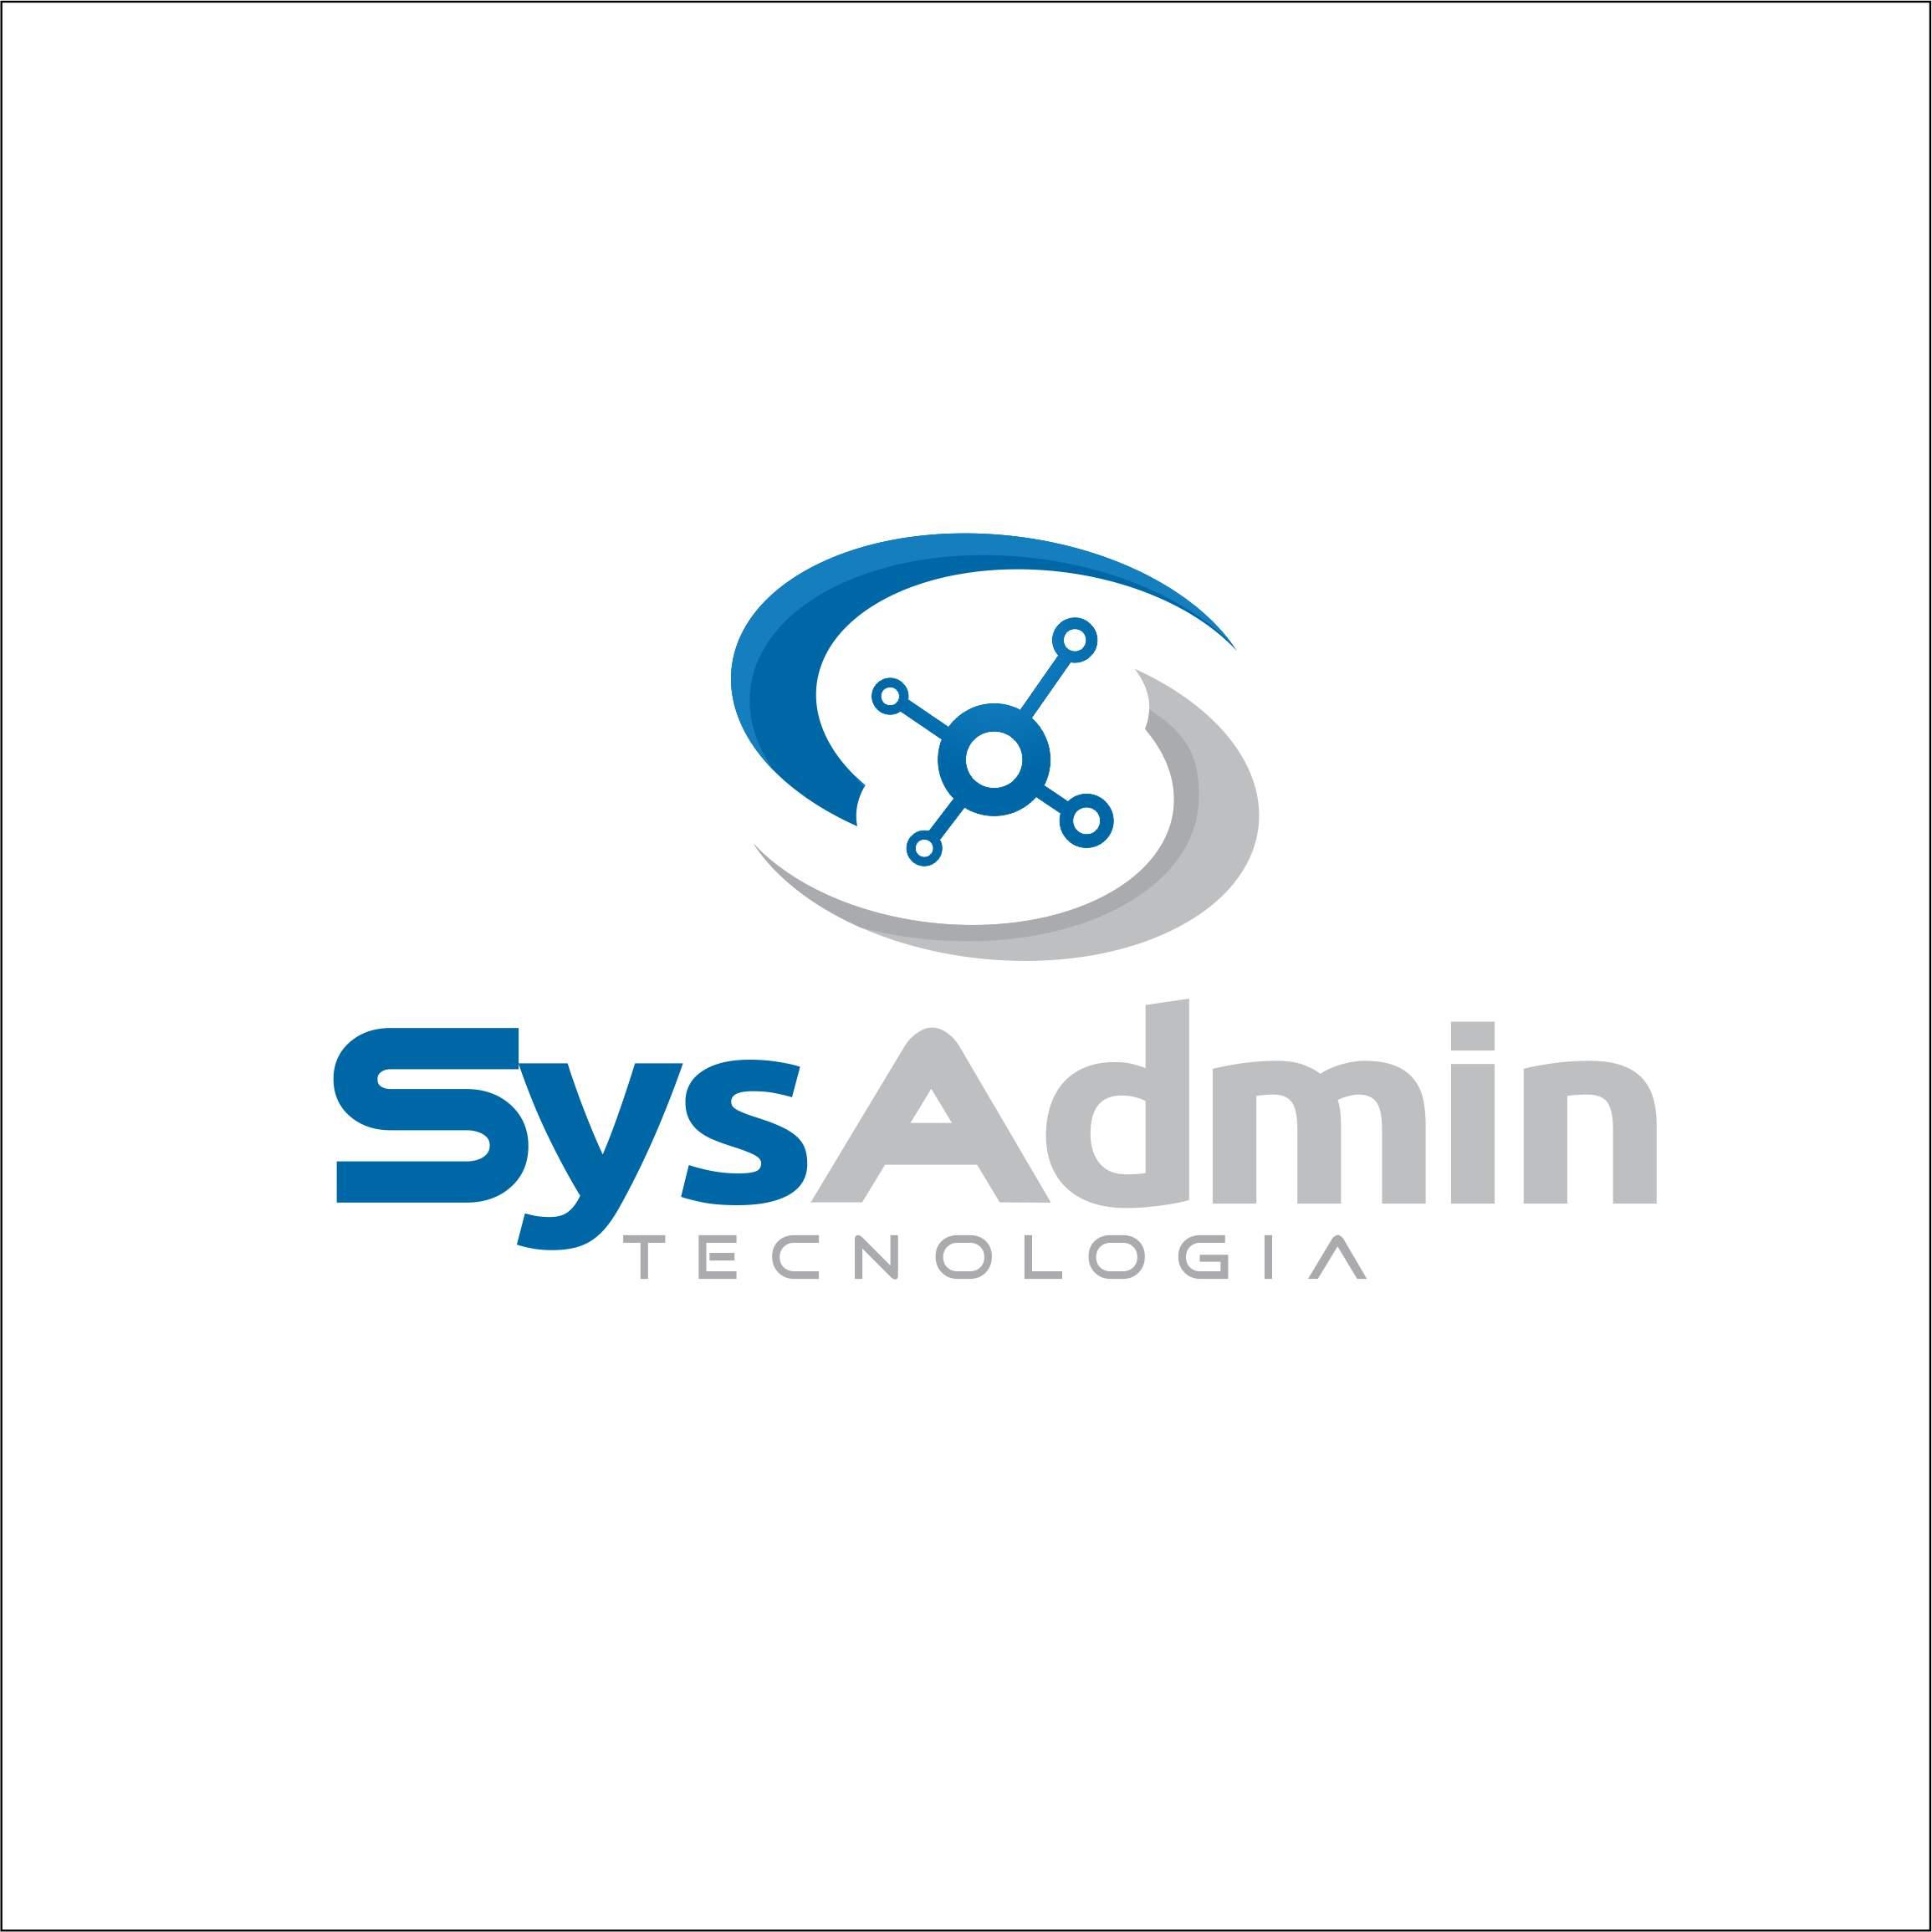 SysAdmin Tecnologia - Gestão e Suporte de TI